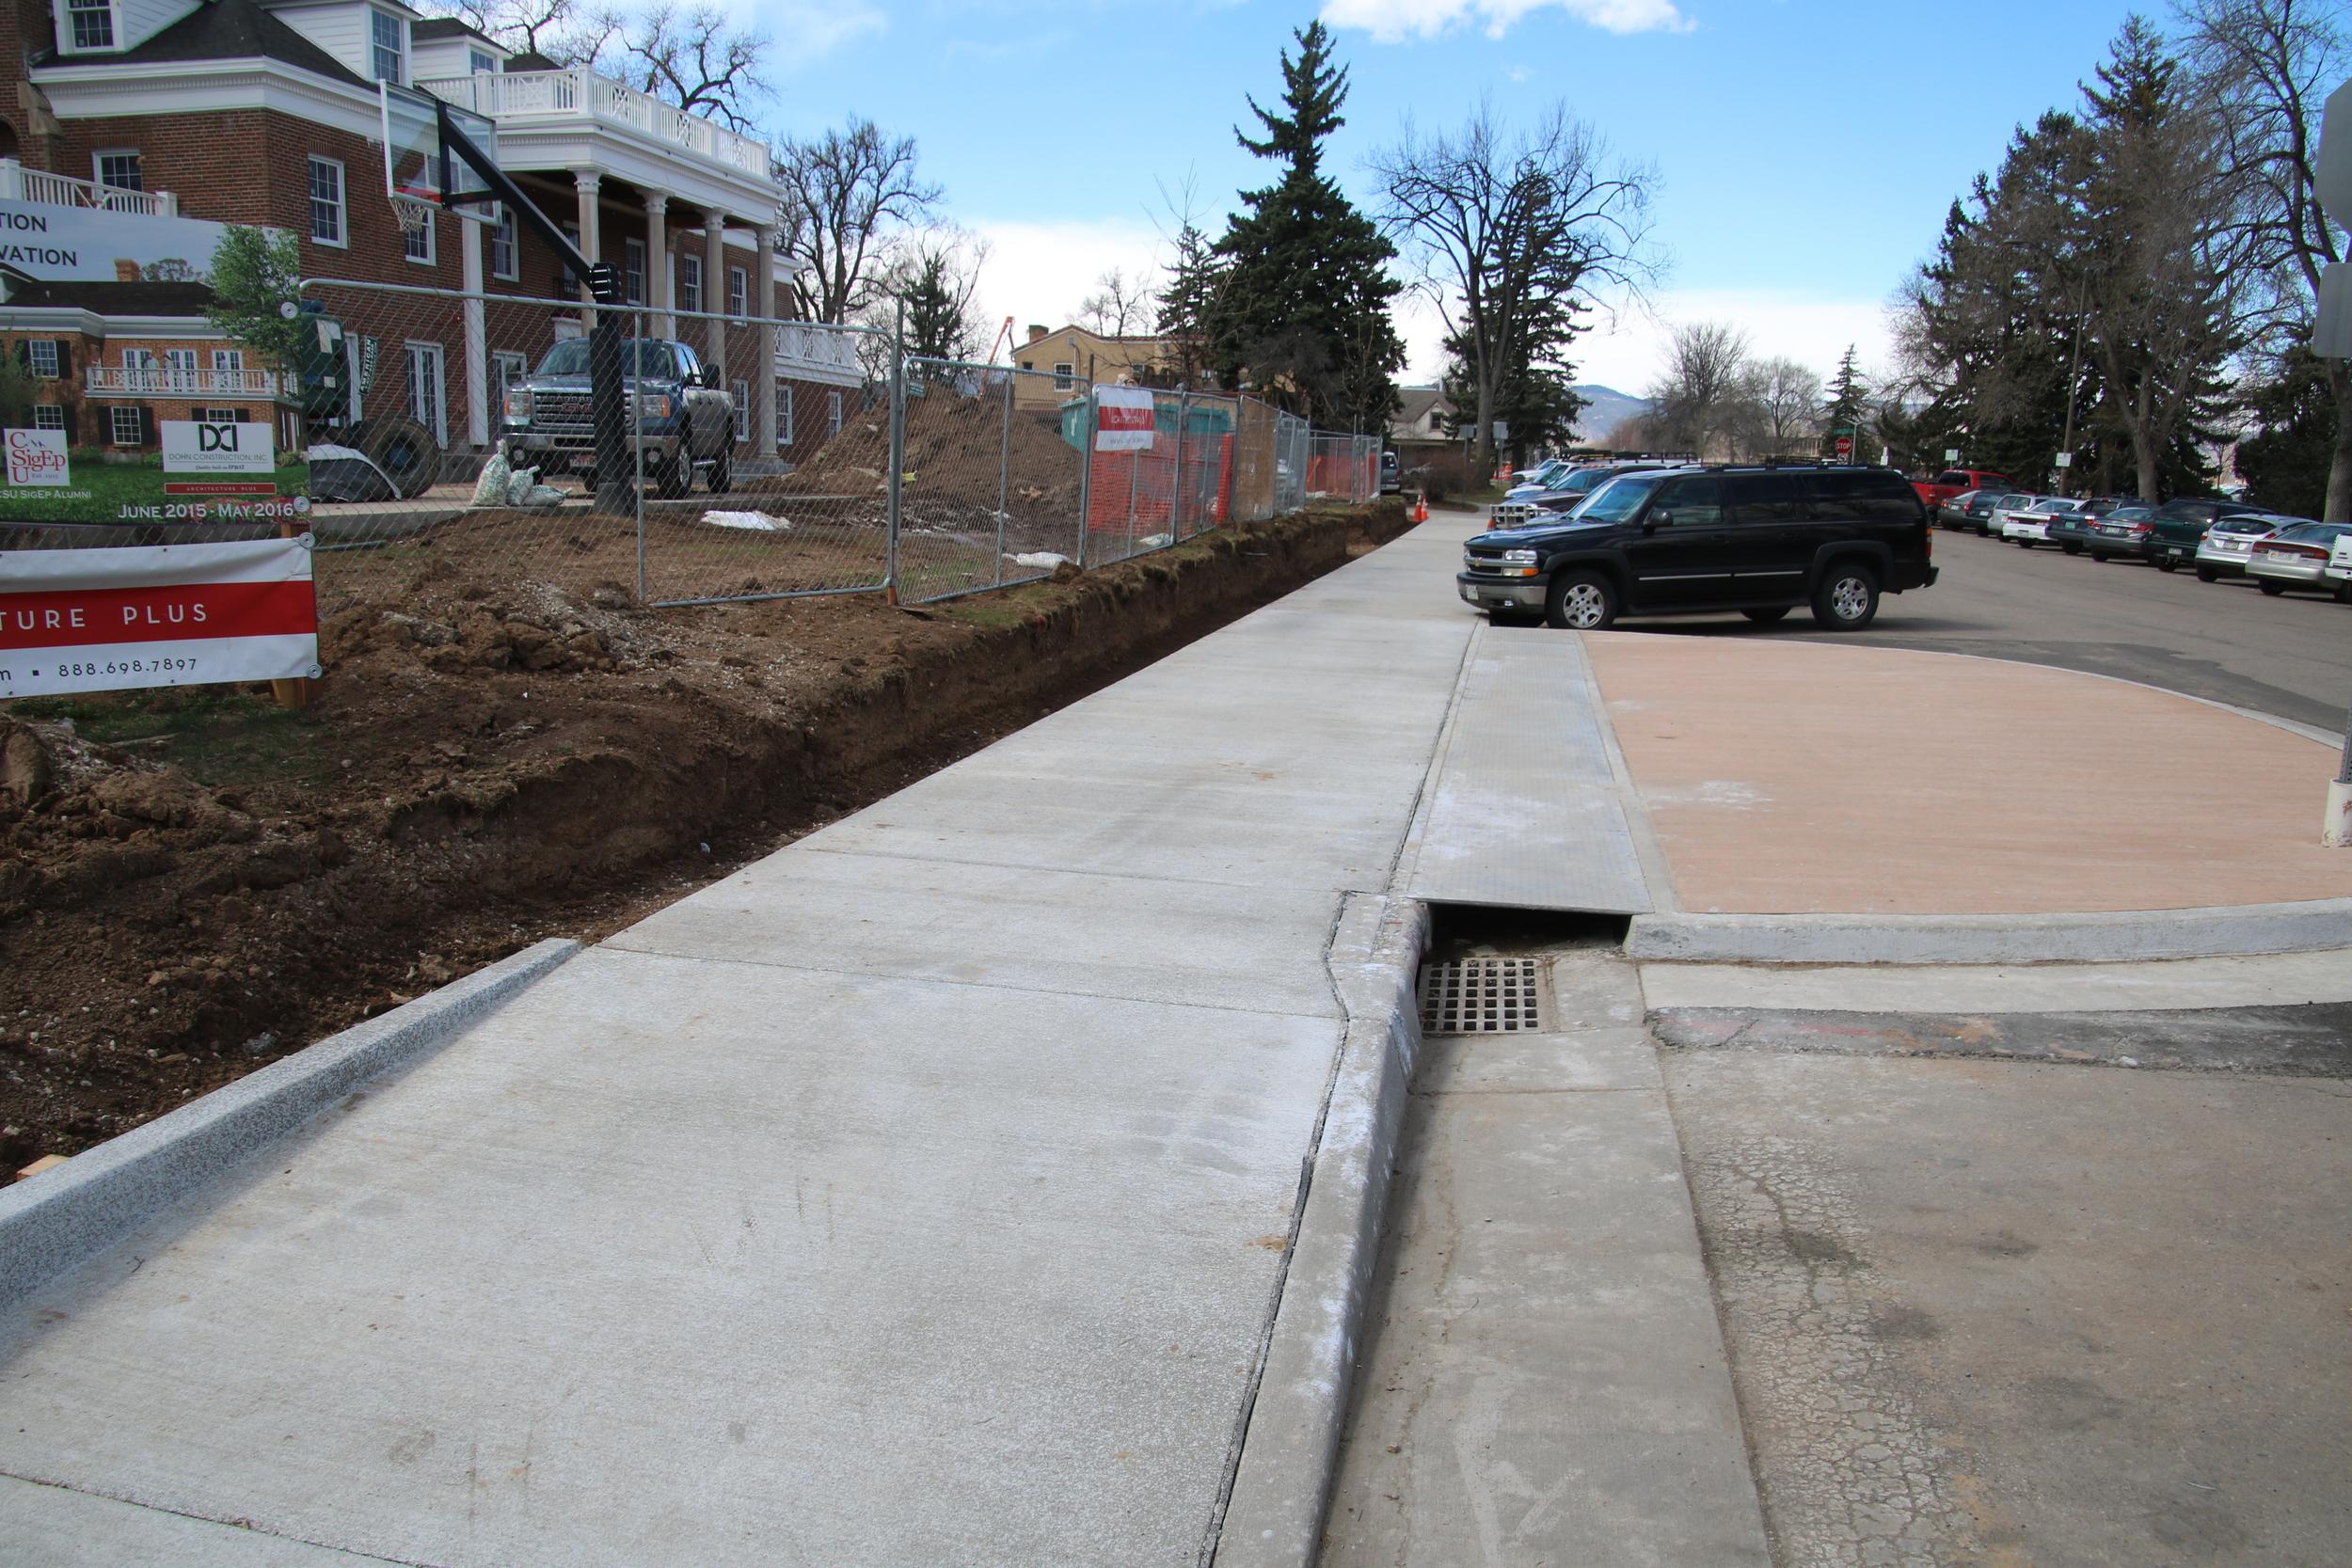 New front sidewalk with pedestrian island